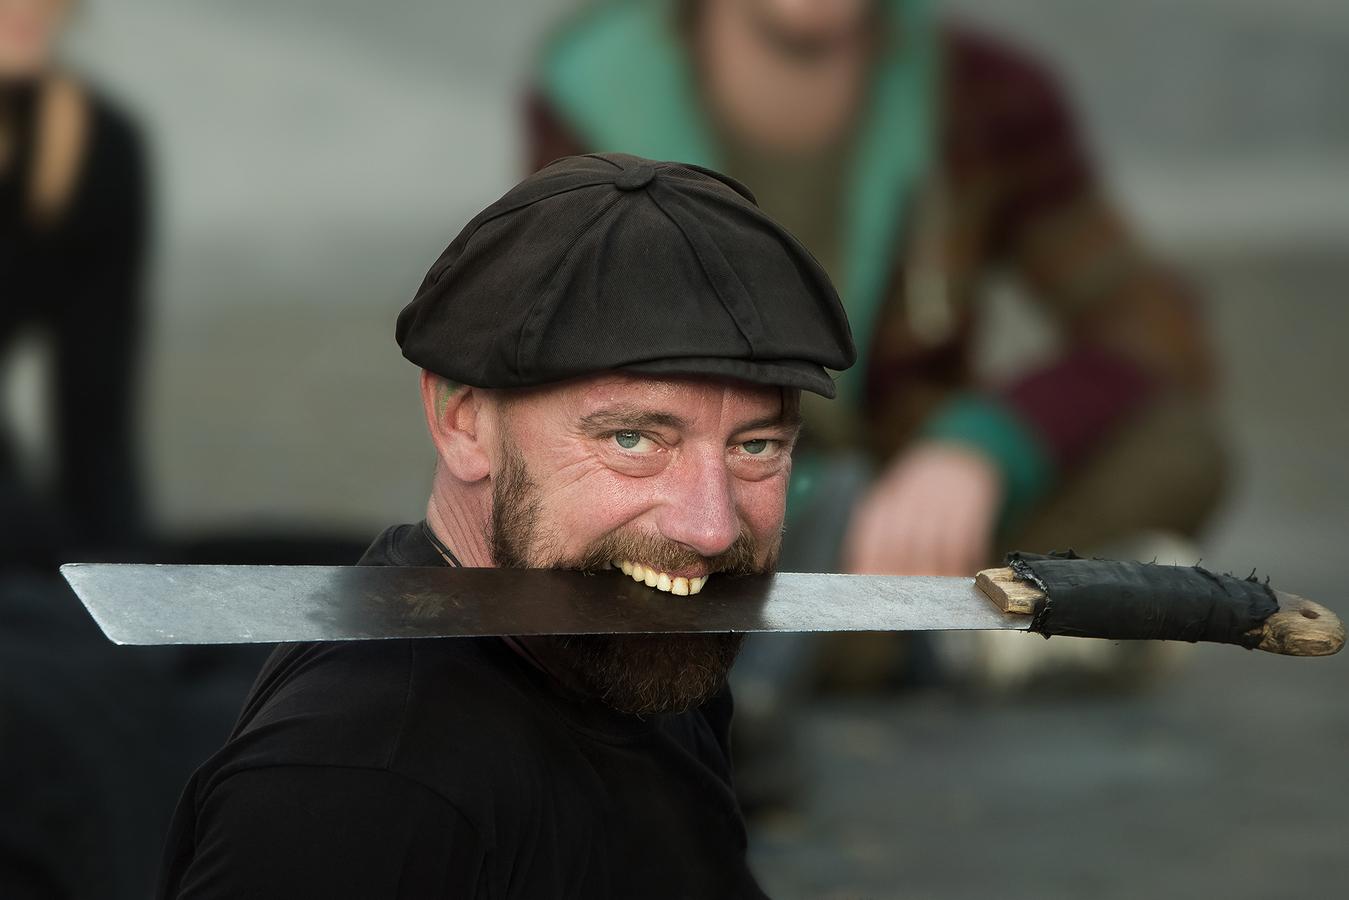 Portrét muže s mačetou